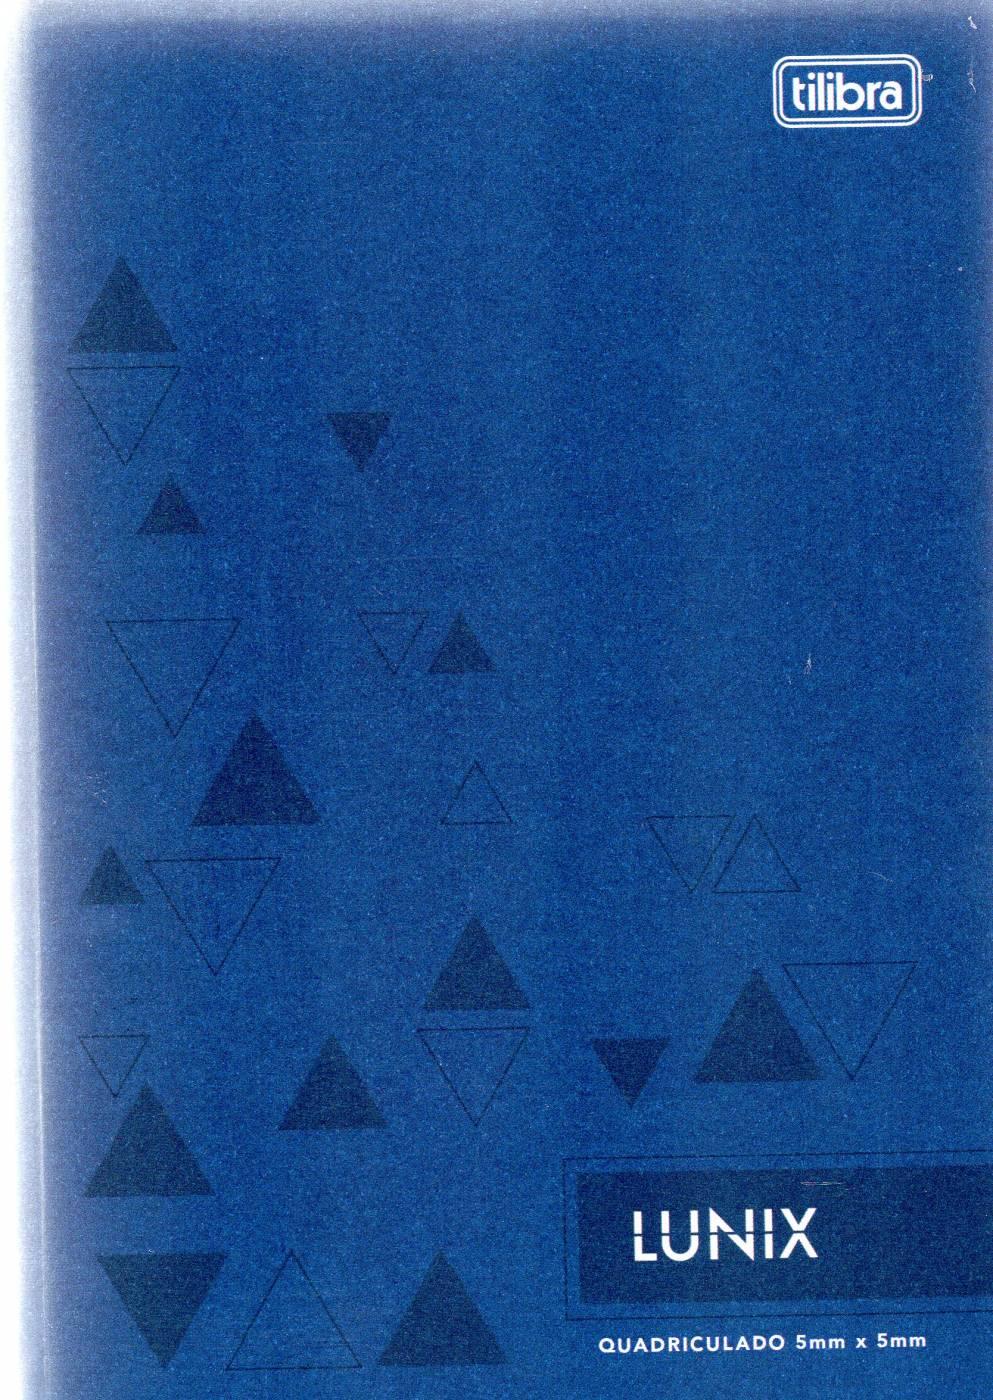 Caderno Lunix 1/4 Tilibra Quadriculado 5 mm x 5 mm Azul